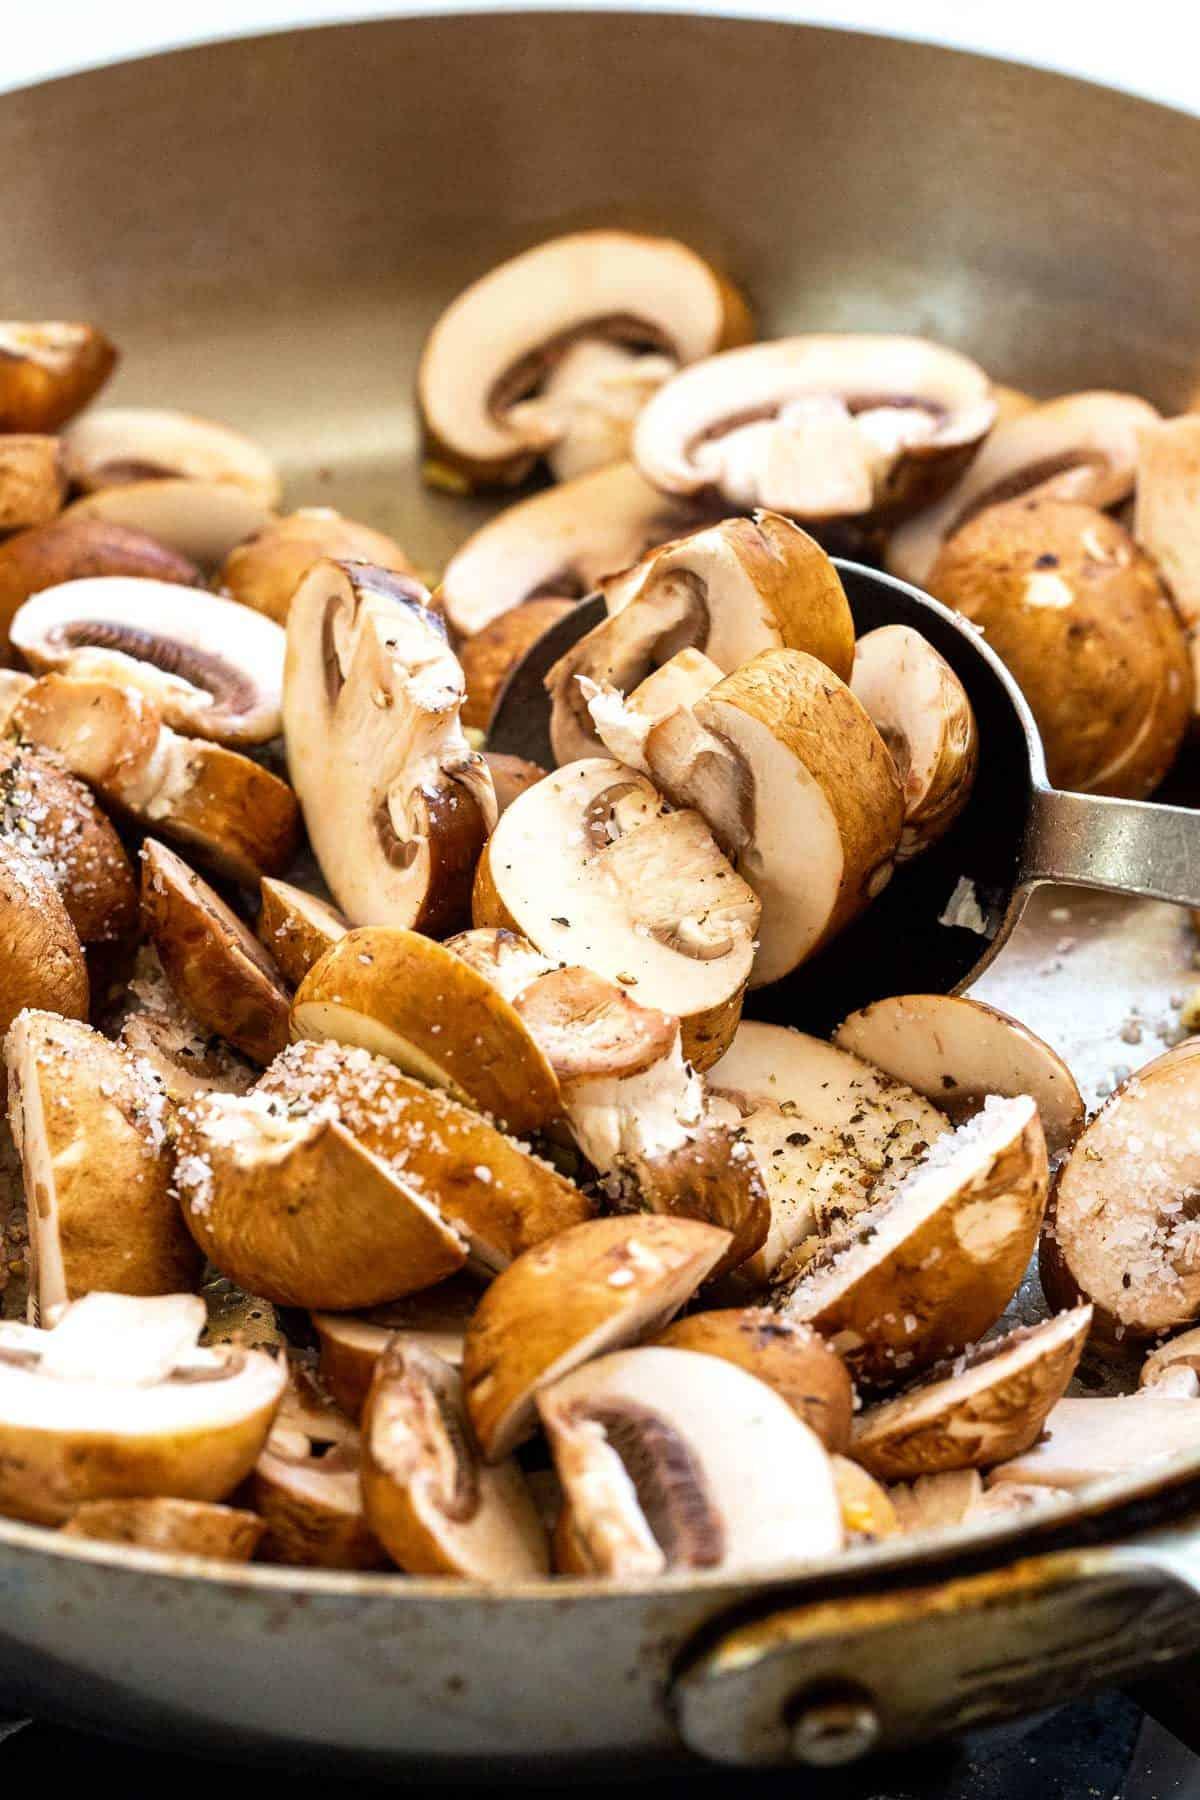 Sliced brown mushrooms in a pan